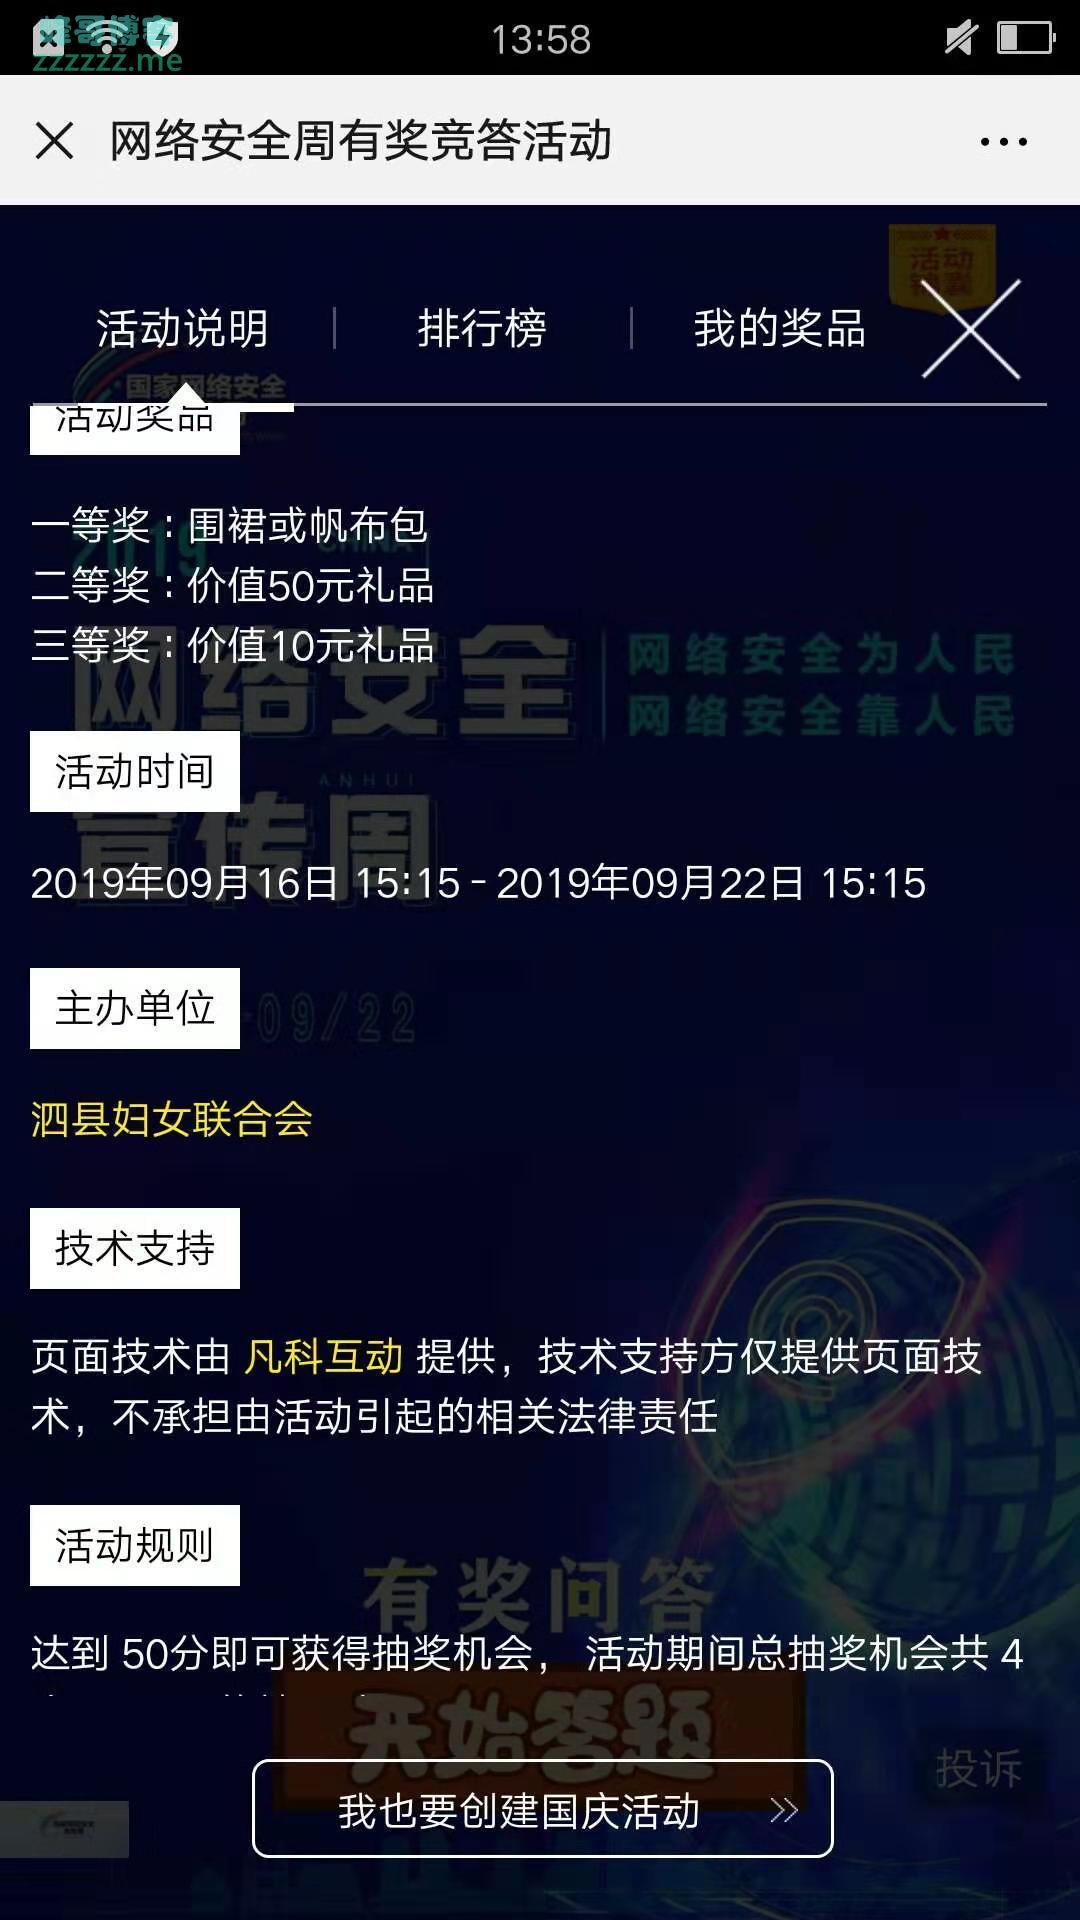 泗县妇女联合会网络安全周有奖竞答(截止9月22日)